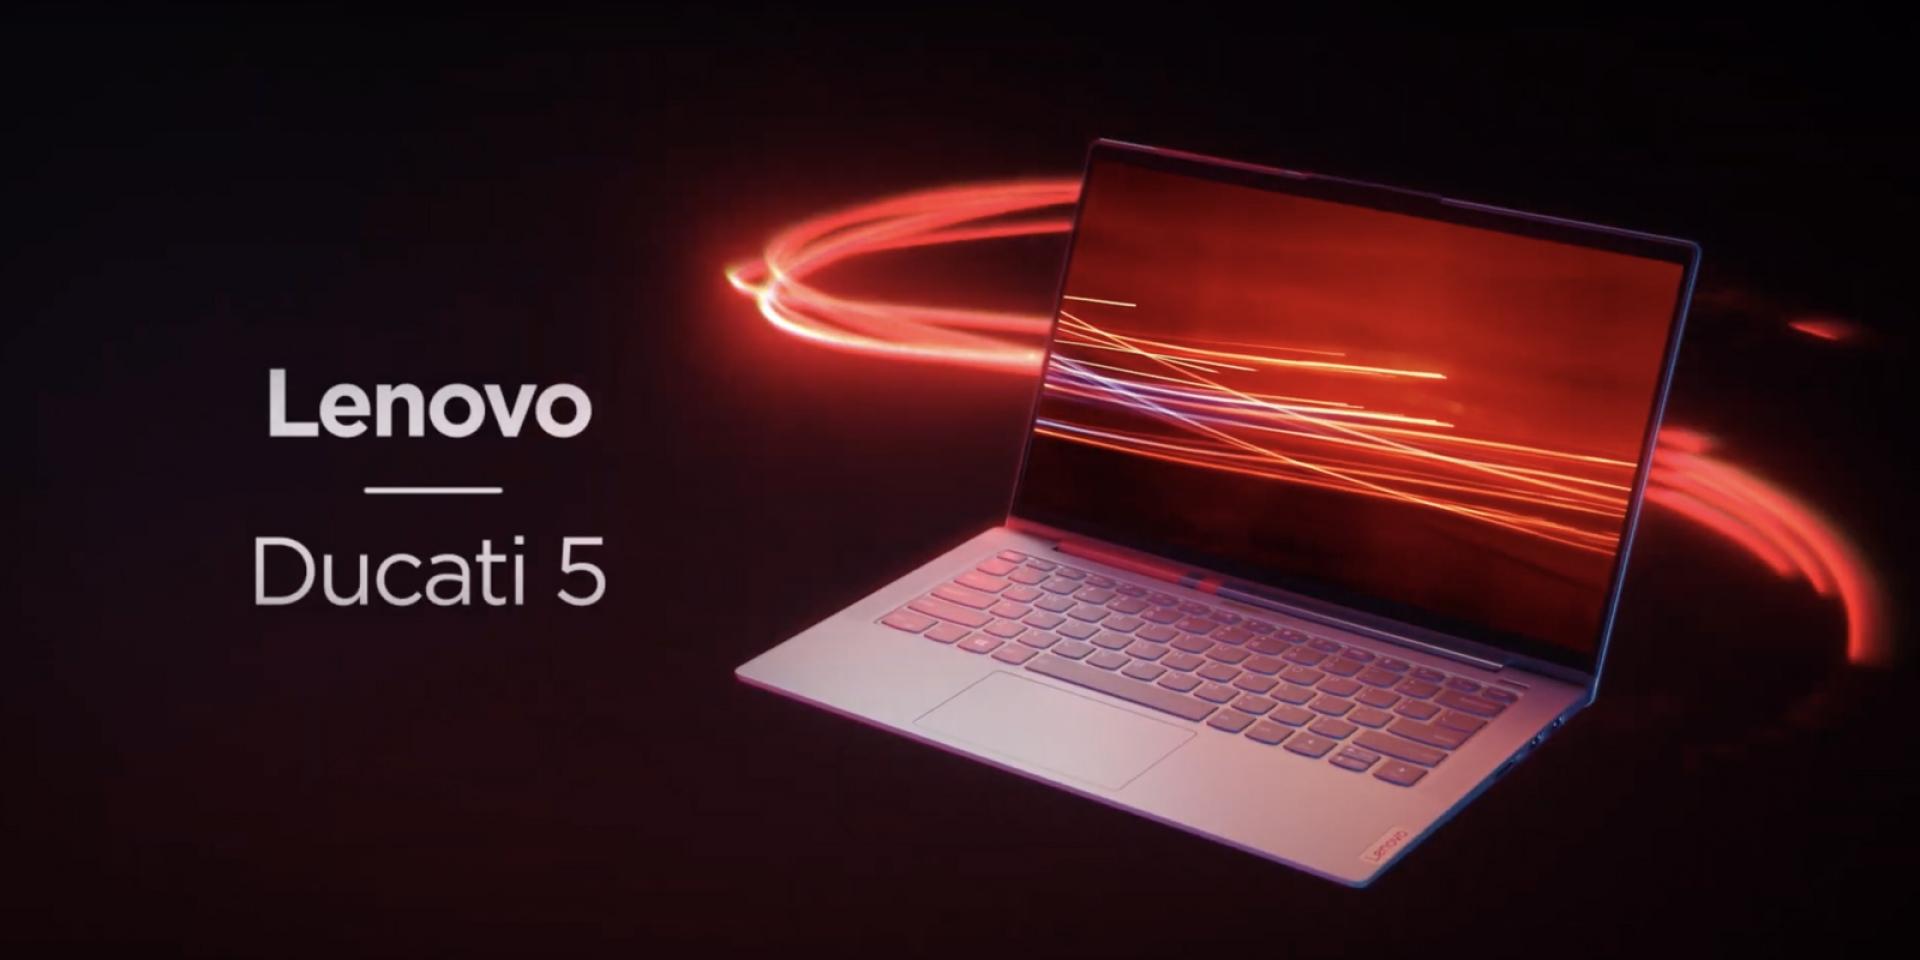 義式賽車魂注入!Lenovo「DUCATI 5」聯名限量筆電,CES展發表亮相!